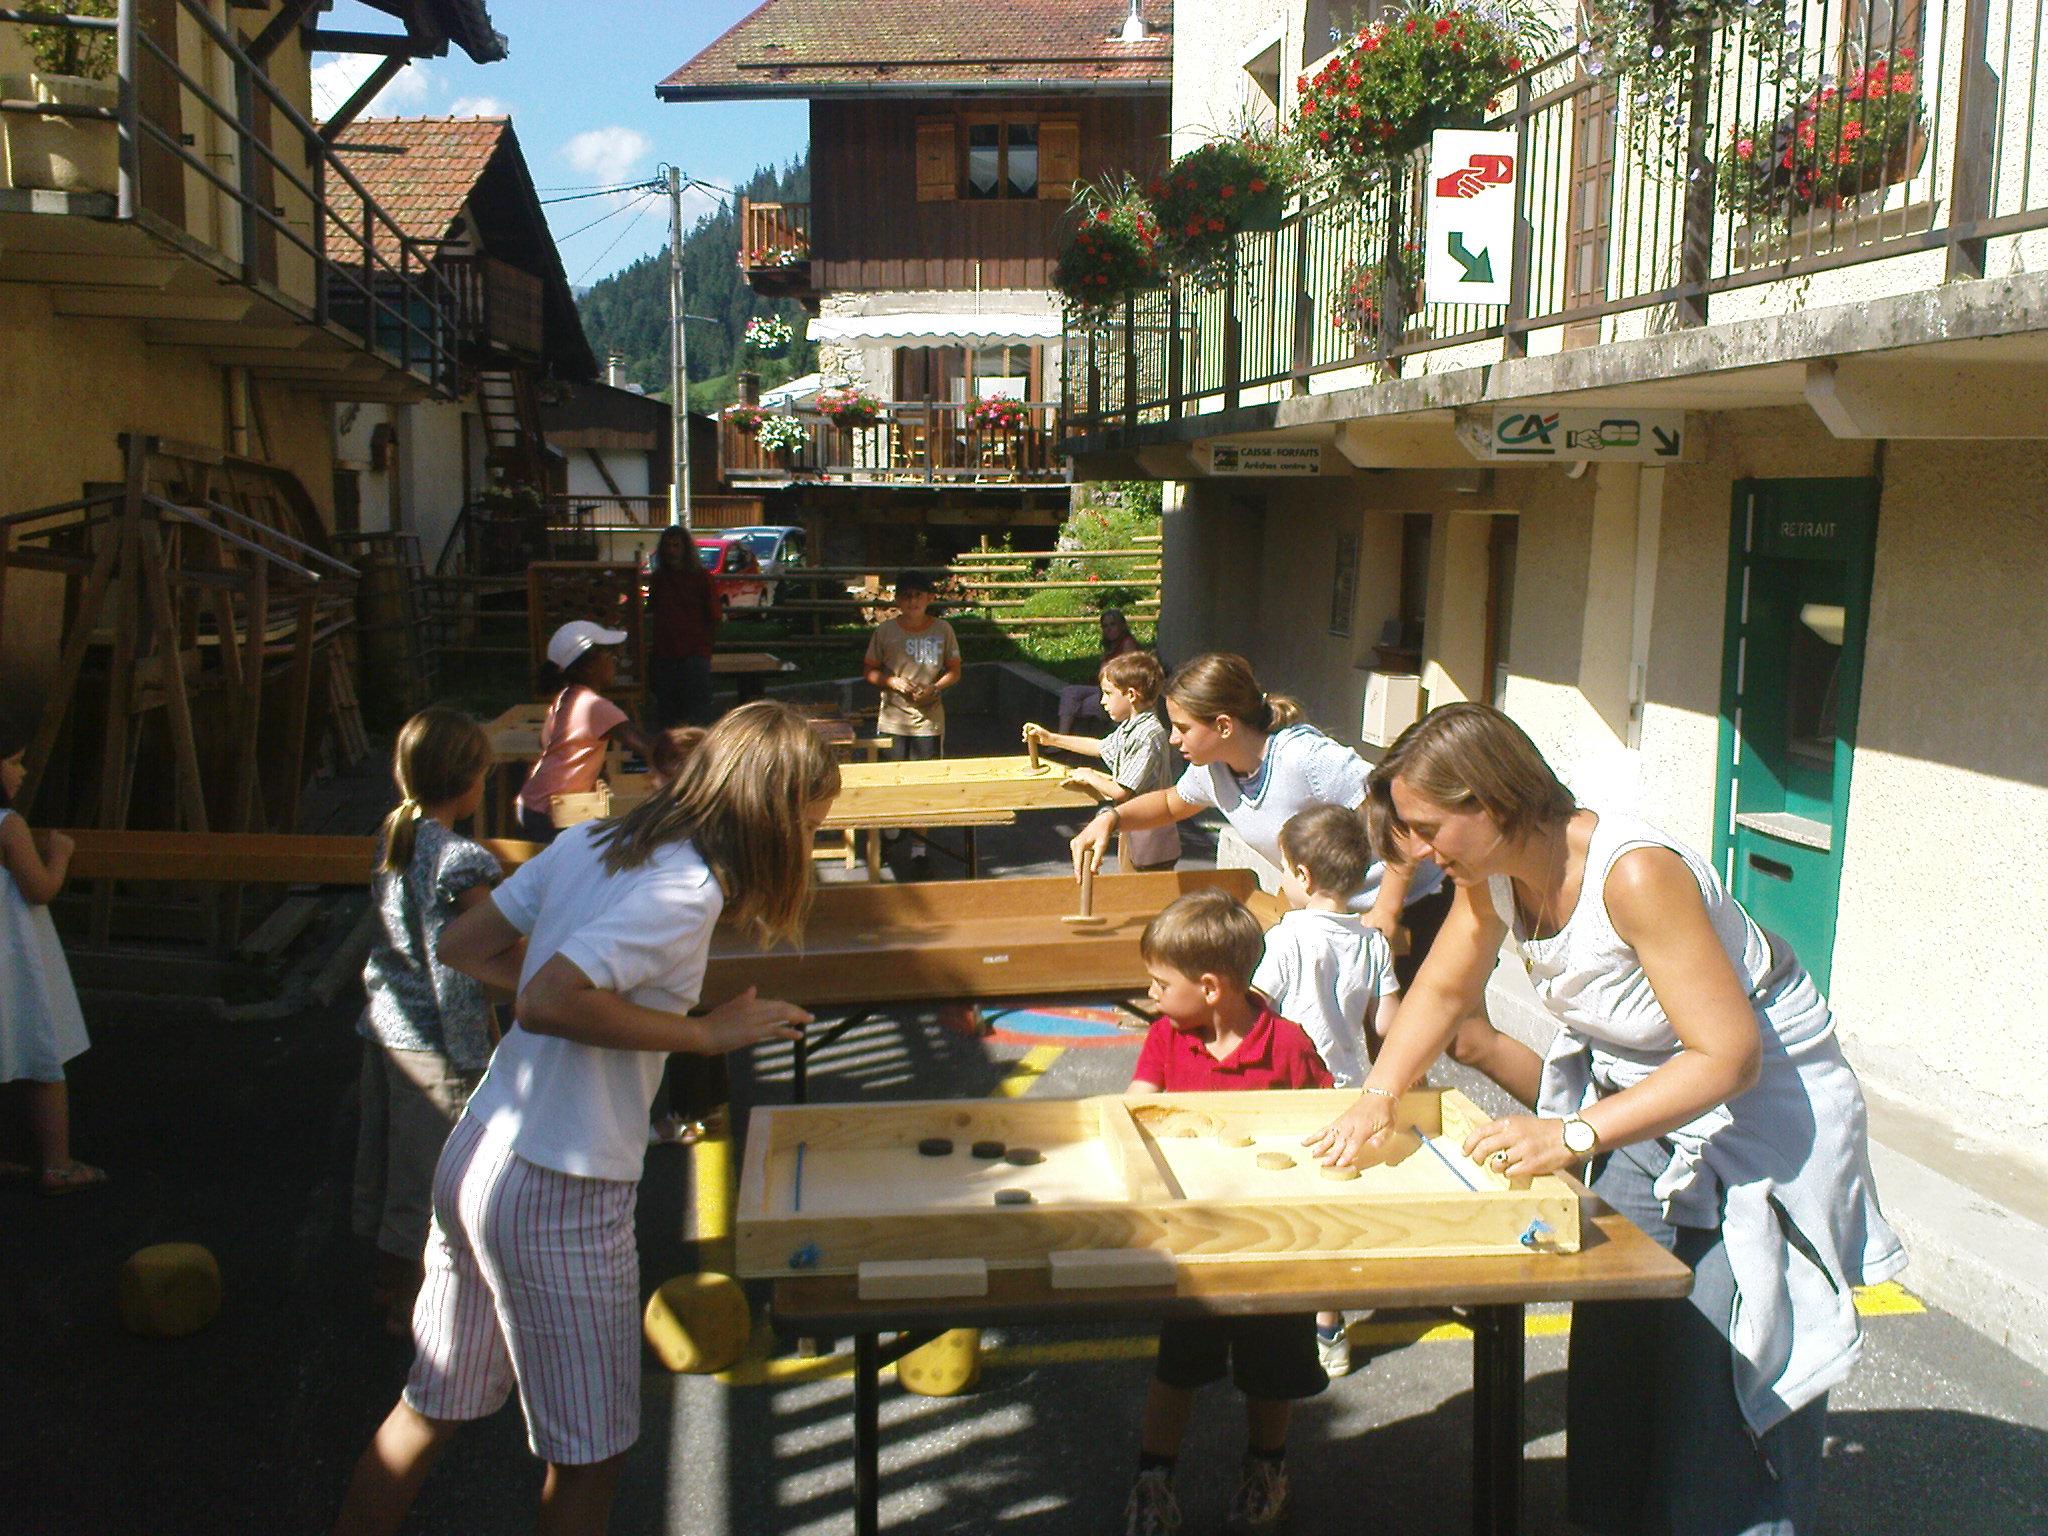 Jeux traditionnels en bois - Arêches